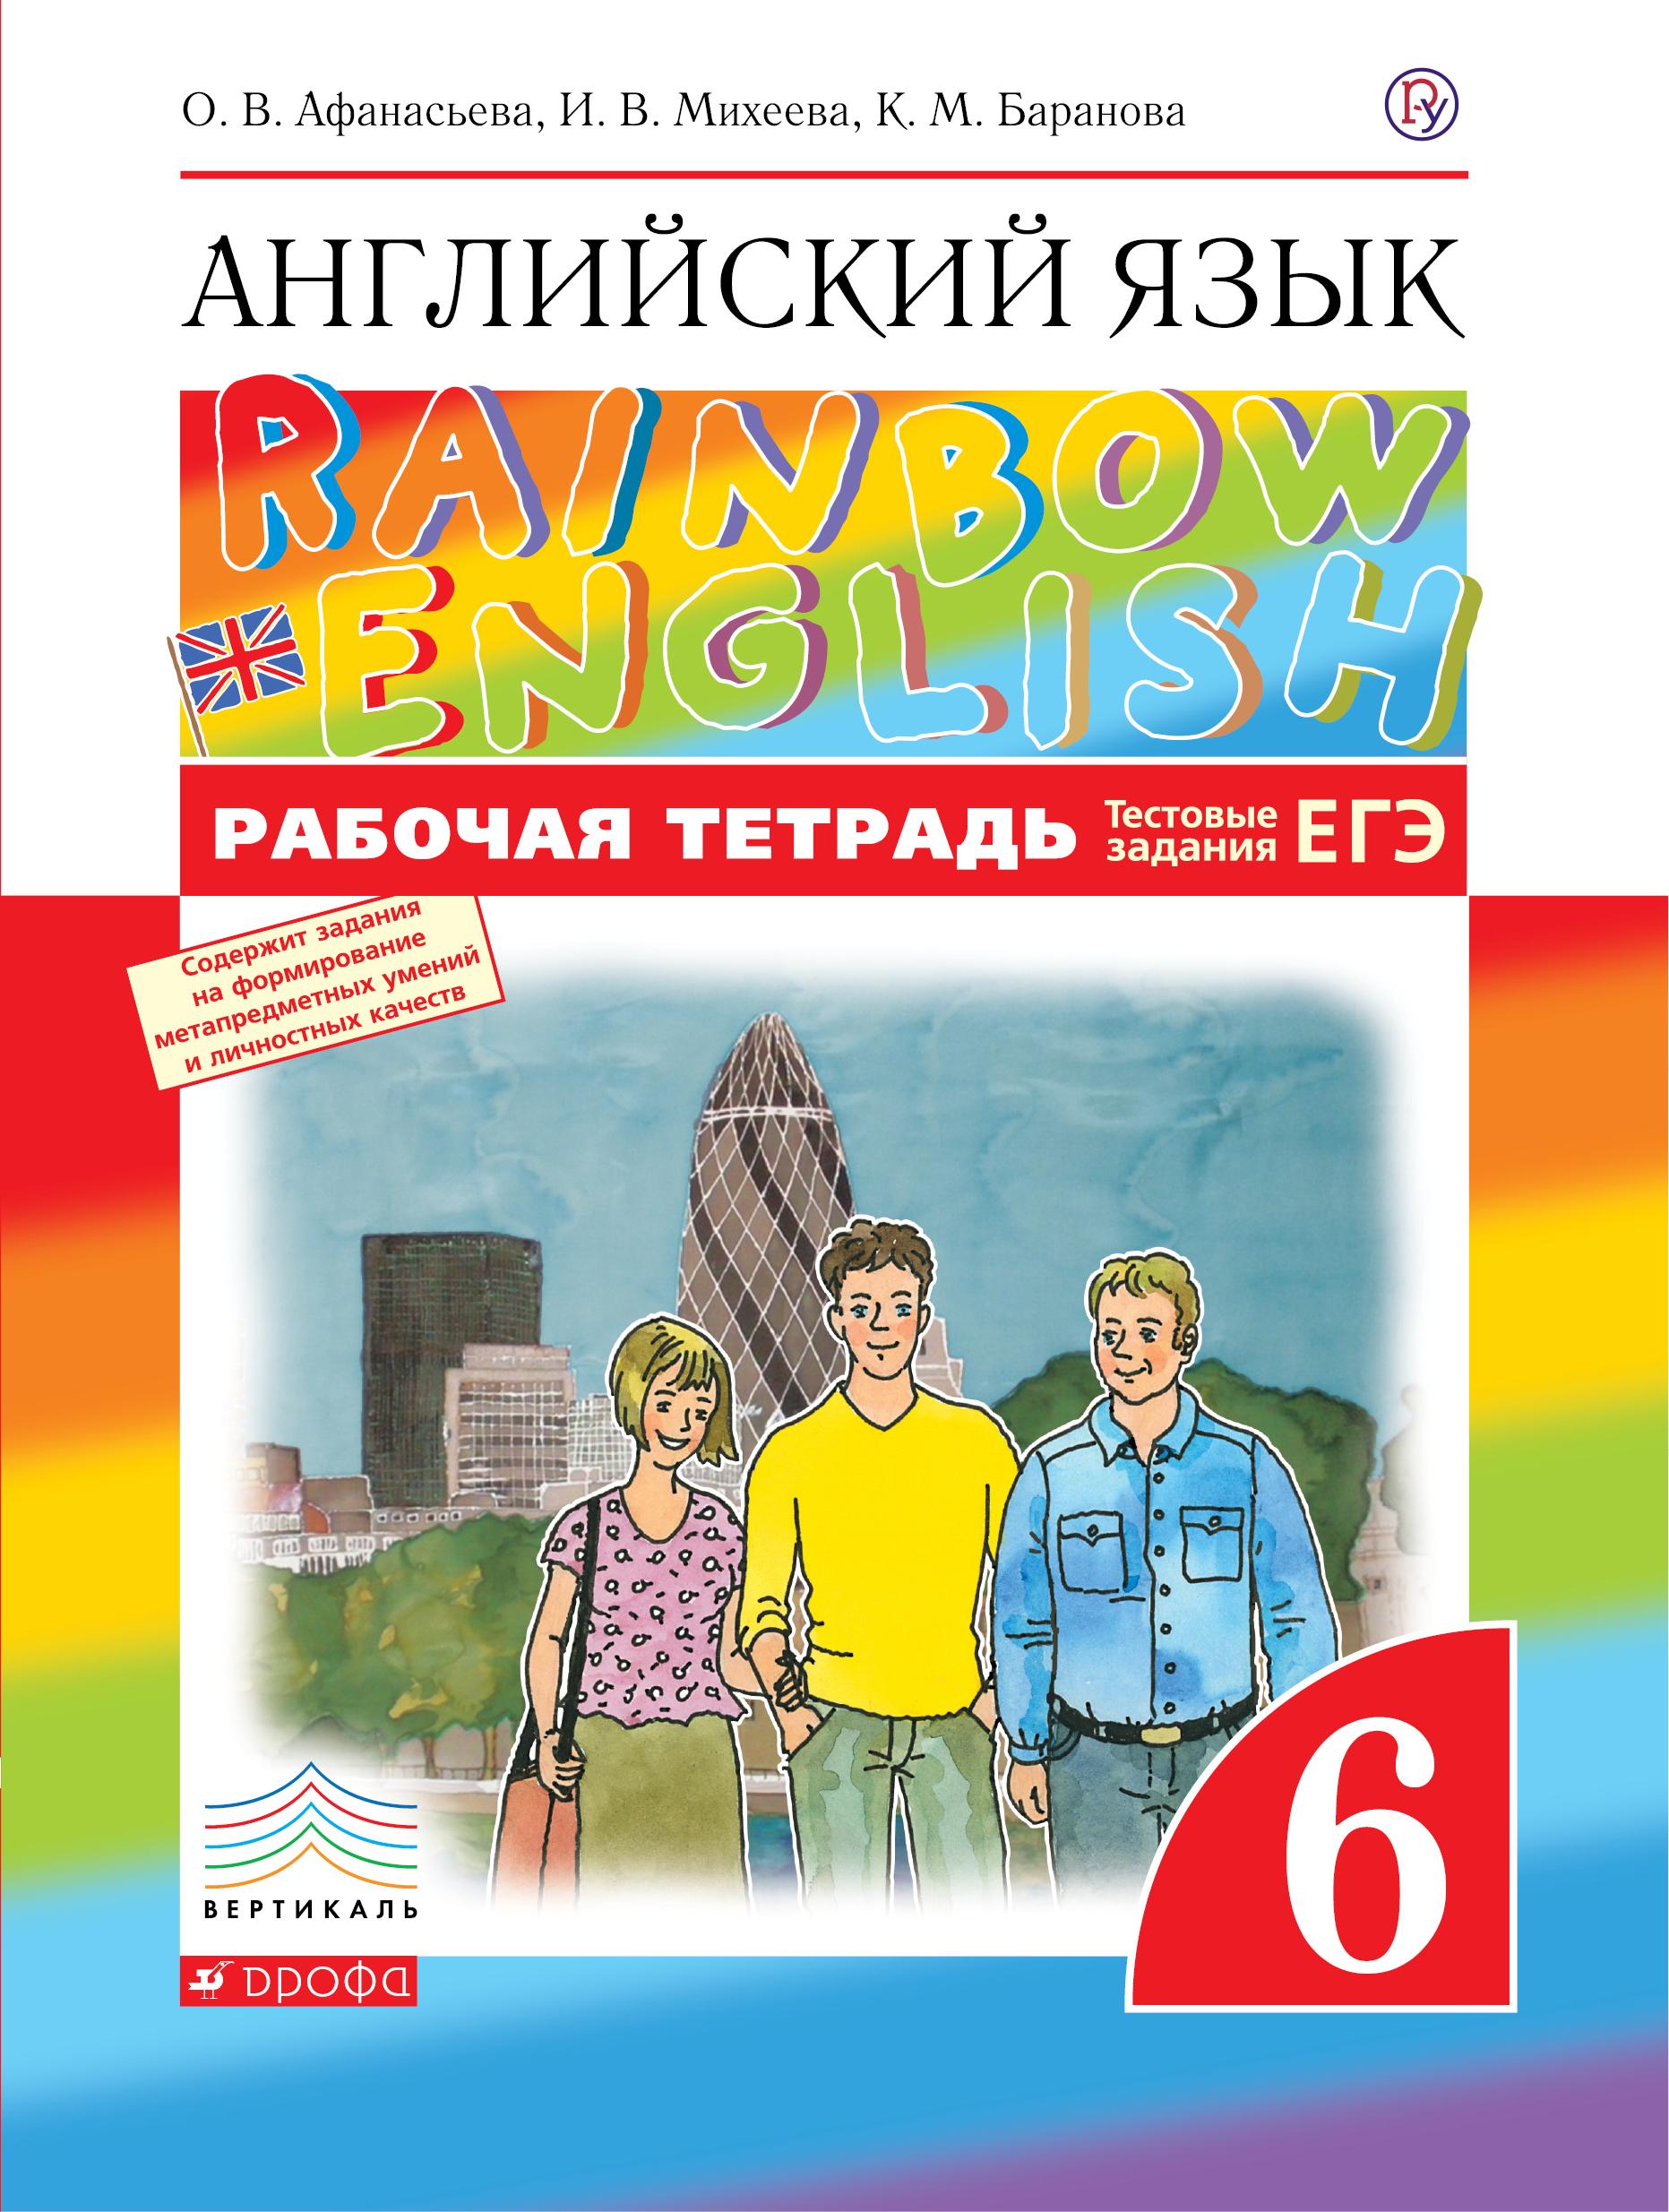 Английский язык. 6 класс. Рабочая тетрадь (с тестовыми заданиями ЕГЭ)